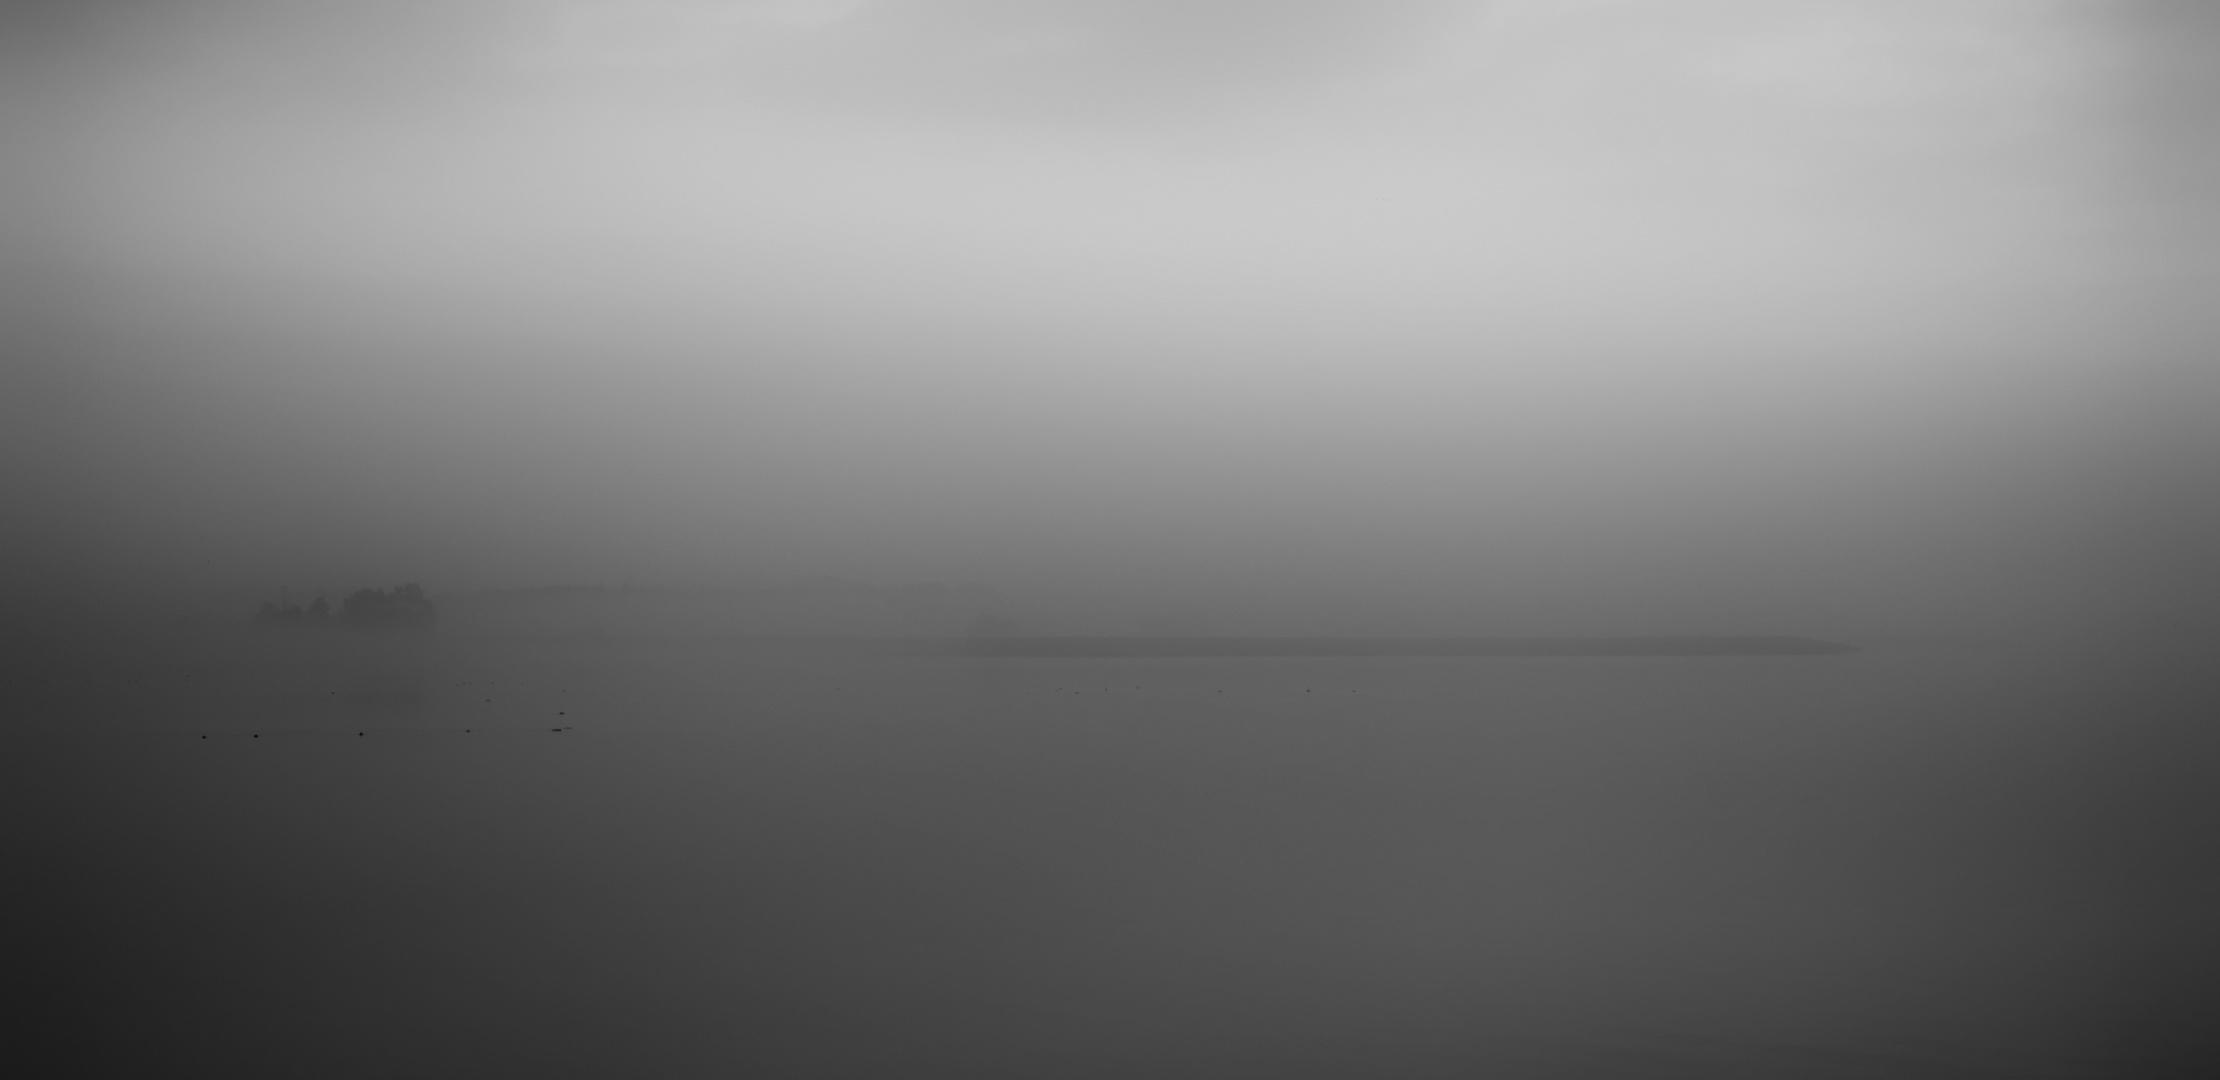 wenn alles im nebel verschwindet ..